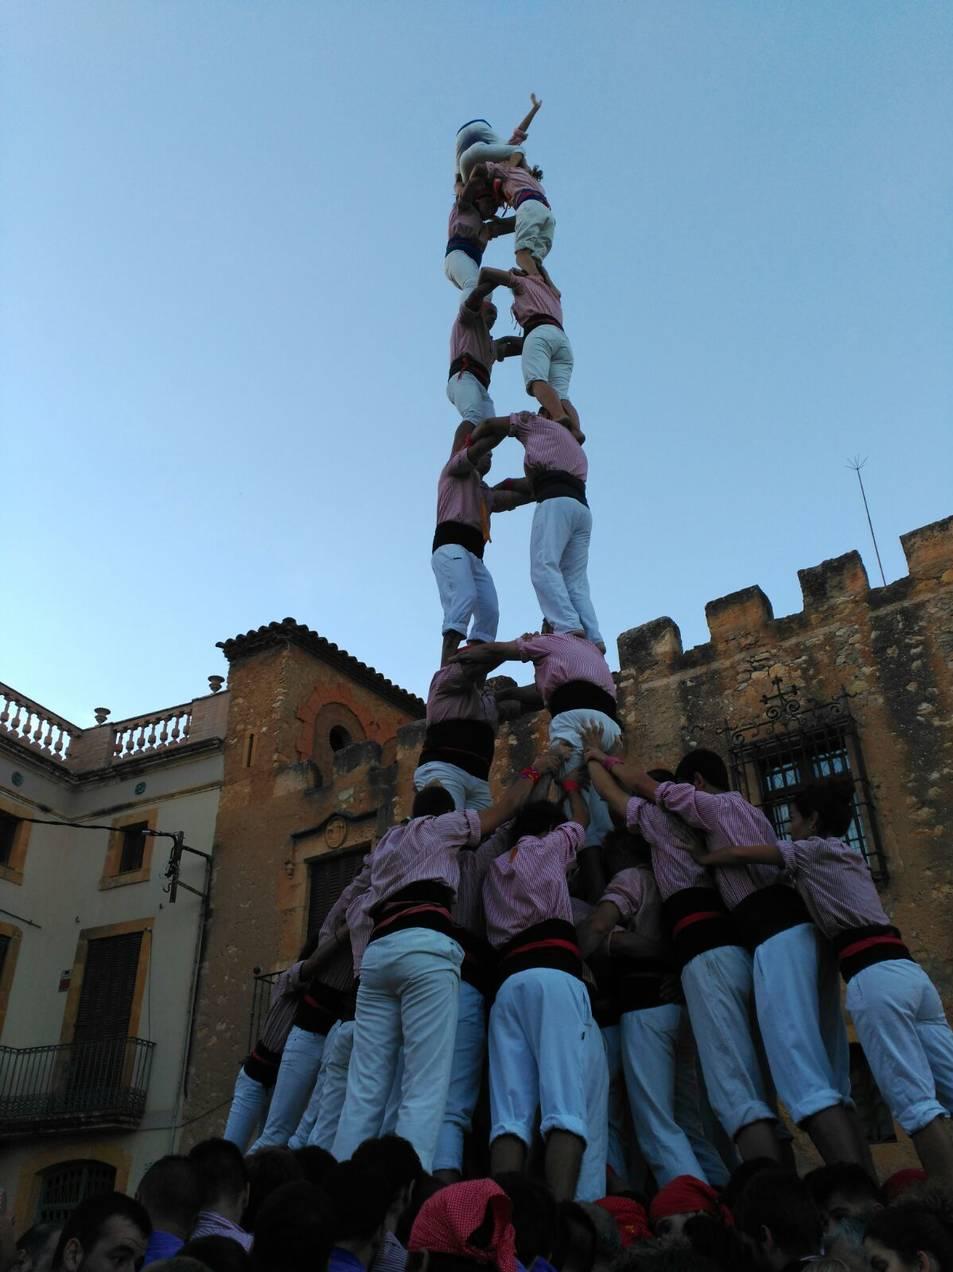 2de8 amb folre dels Xiquets de Tarragona a Ferran.